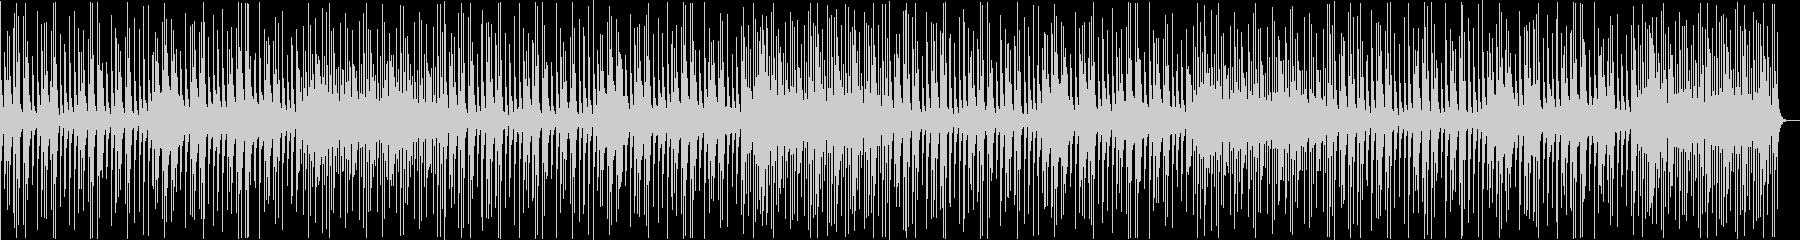 スローテンポの和風BGMの未再生の波形